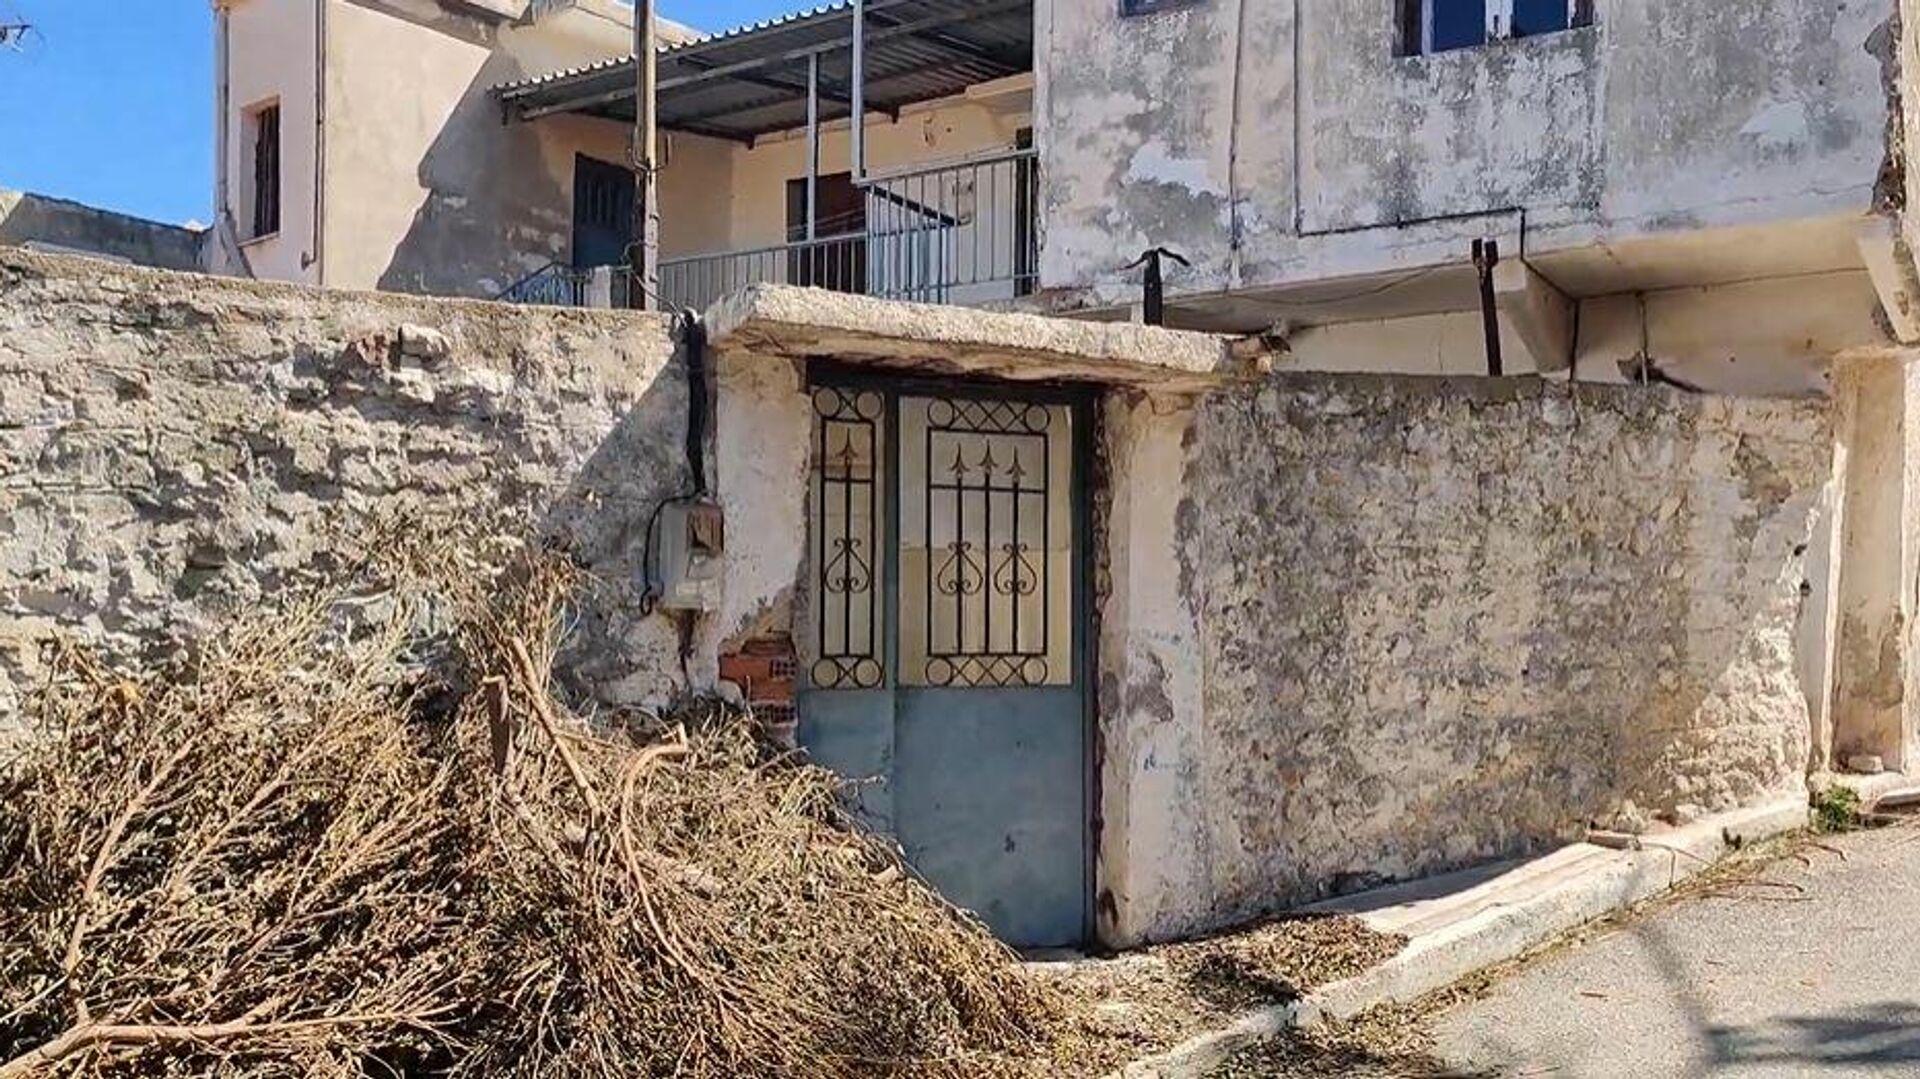 Θρίλερ στην Κυπαρισσία: Βρήκαν πτώμα γυναίκας θαμμένο σε σπίτι - Sputnik Ελλάδα, 1920, 30.09.2021